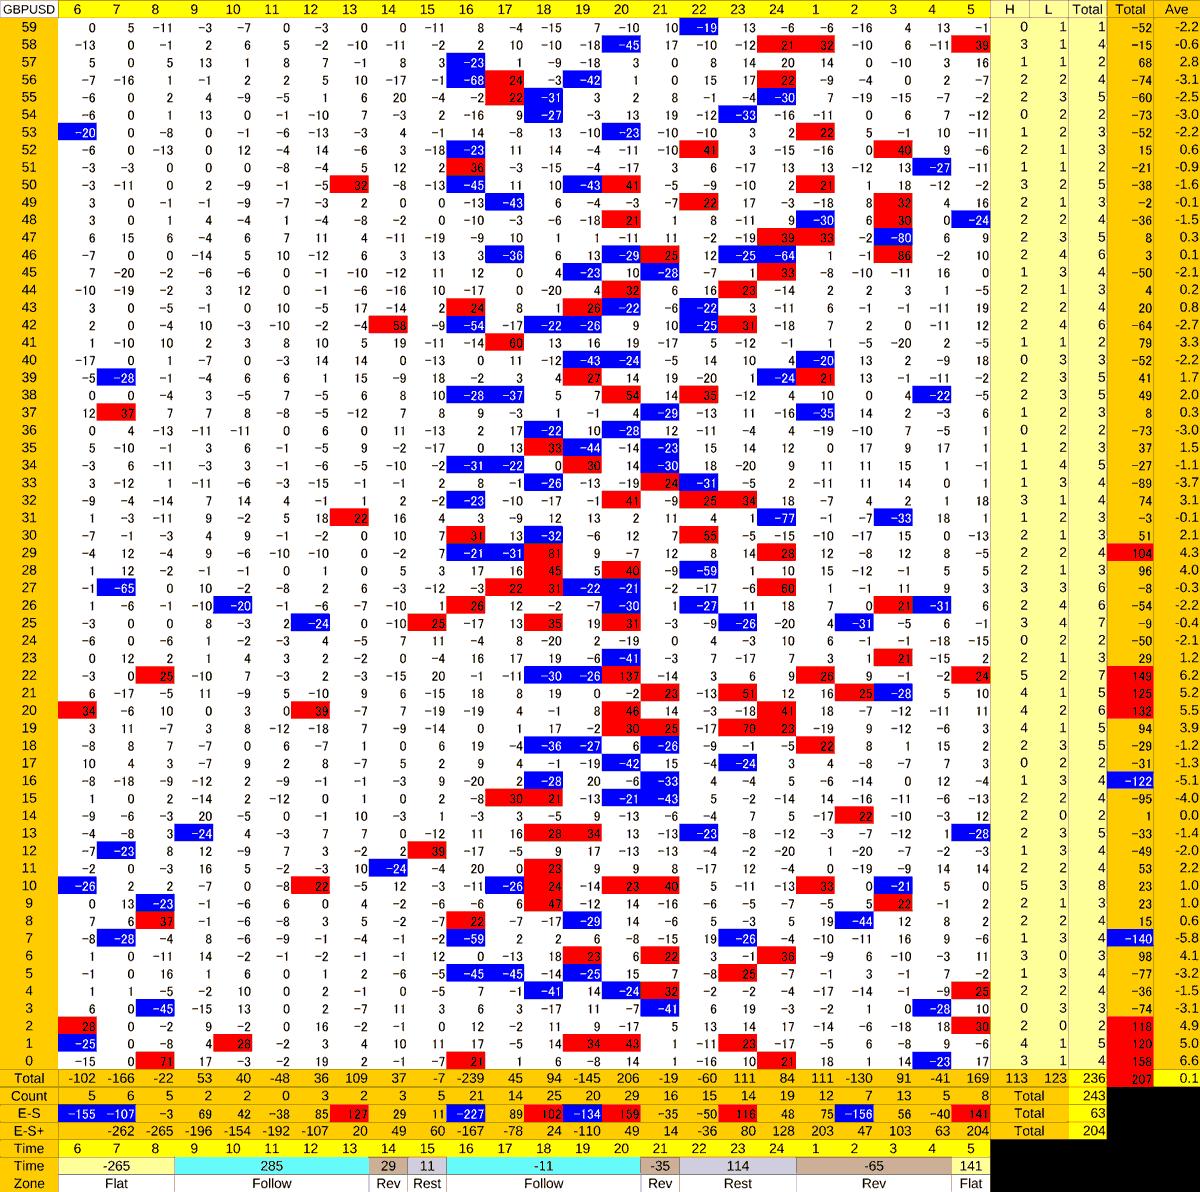 20201120_HS(2)GBPUSD